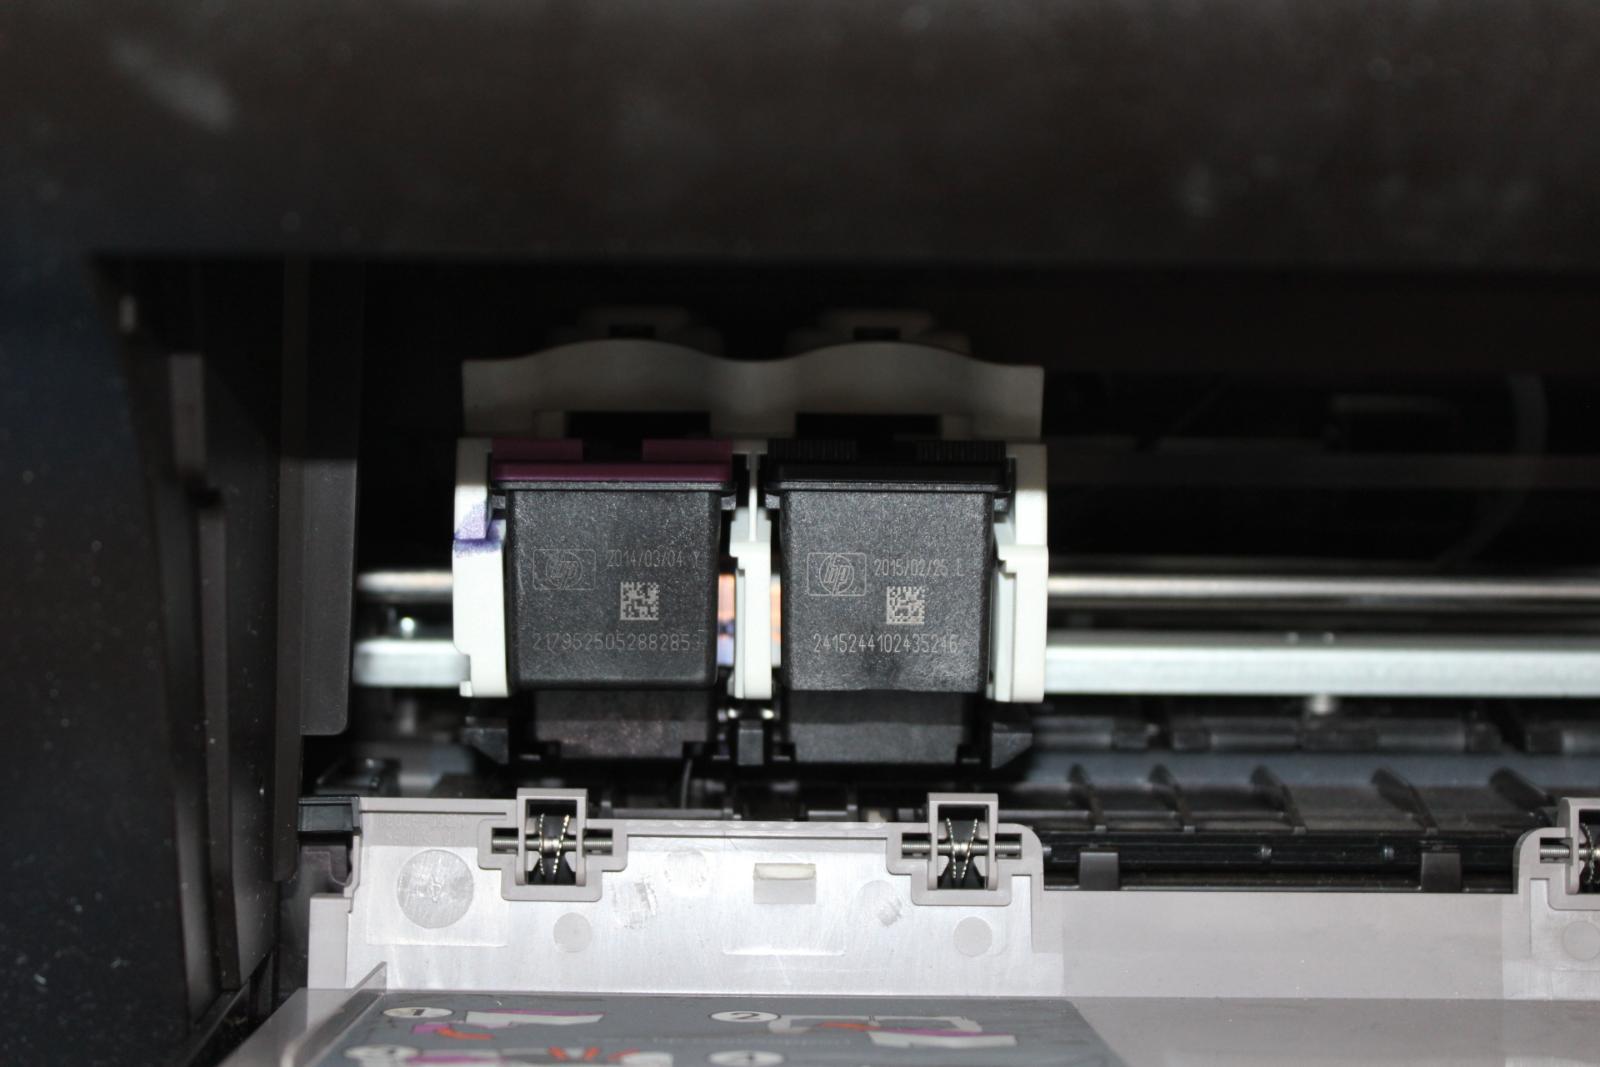 HP-Deskjet-3050-all-in-One-Stampante-SERIE-J610-con-inchiostro-cartriges-con-alimentatore-o miniatura 3